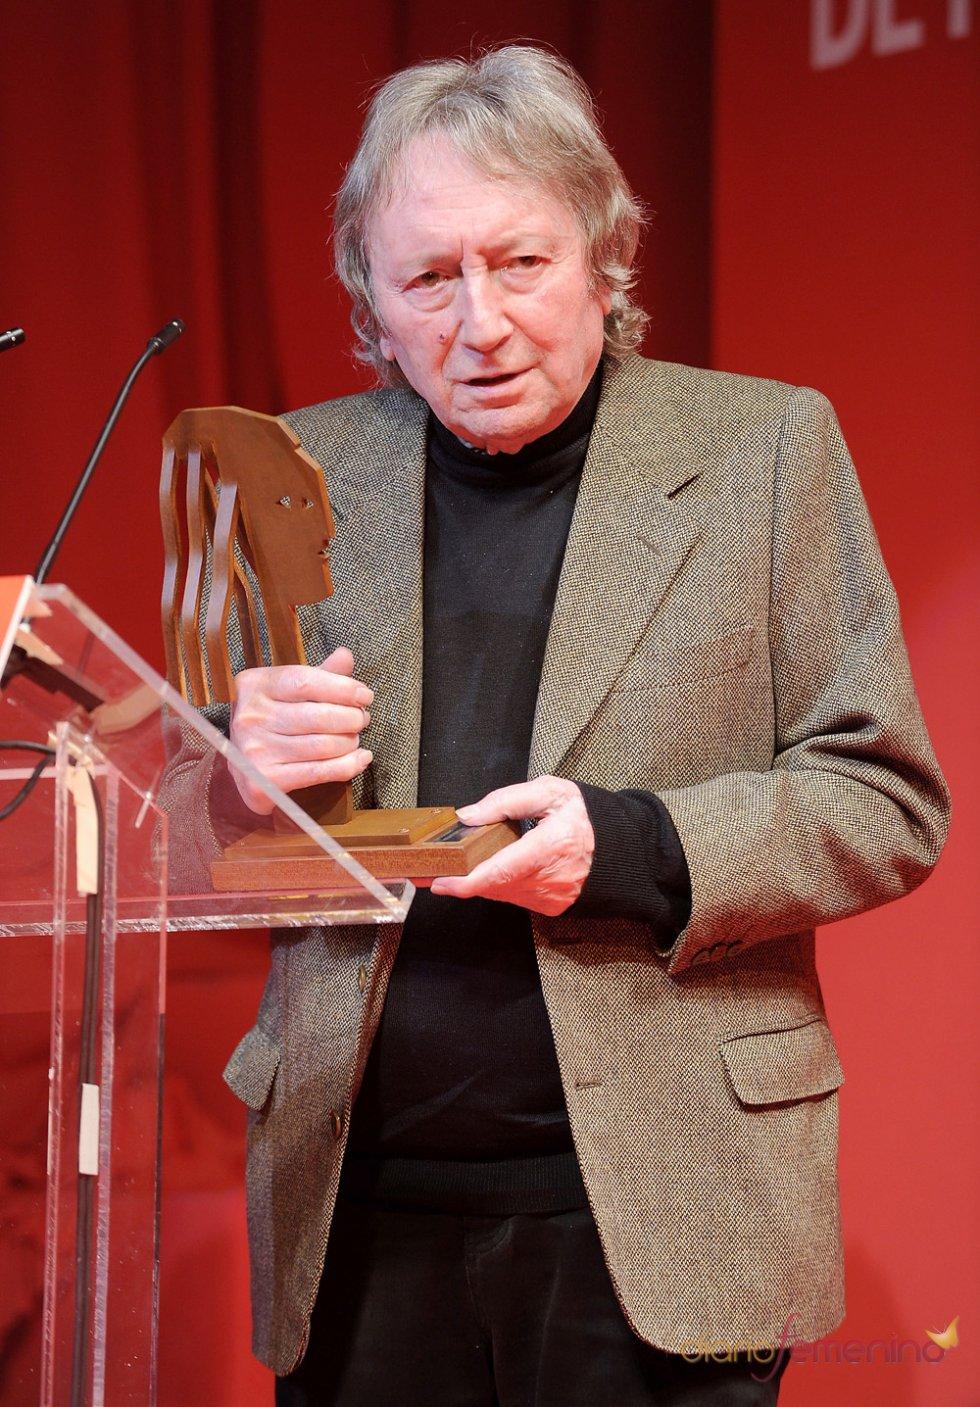 Eías Querejeta en la gala de entrega de premios de los Fotogramas de Plata 2011